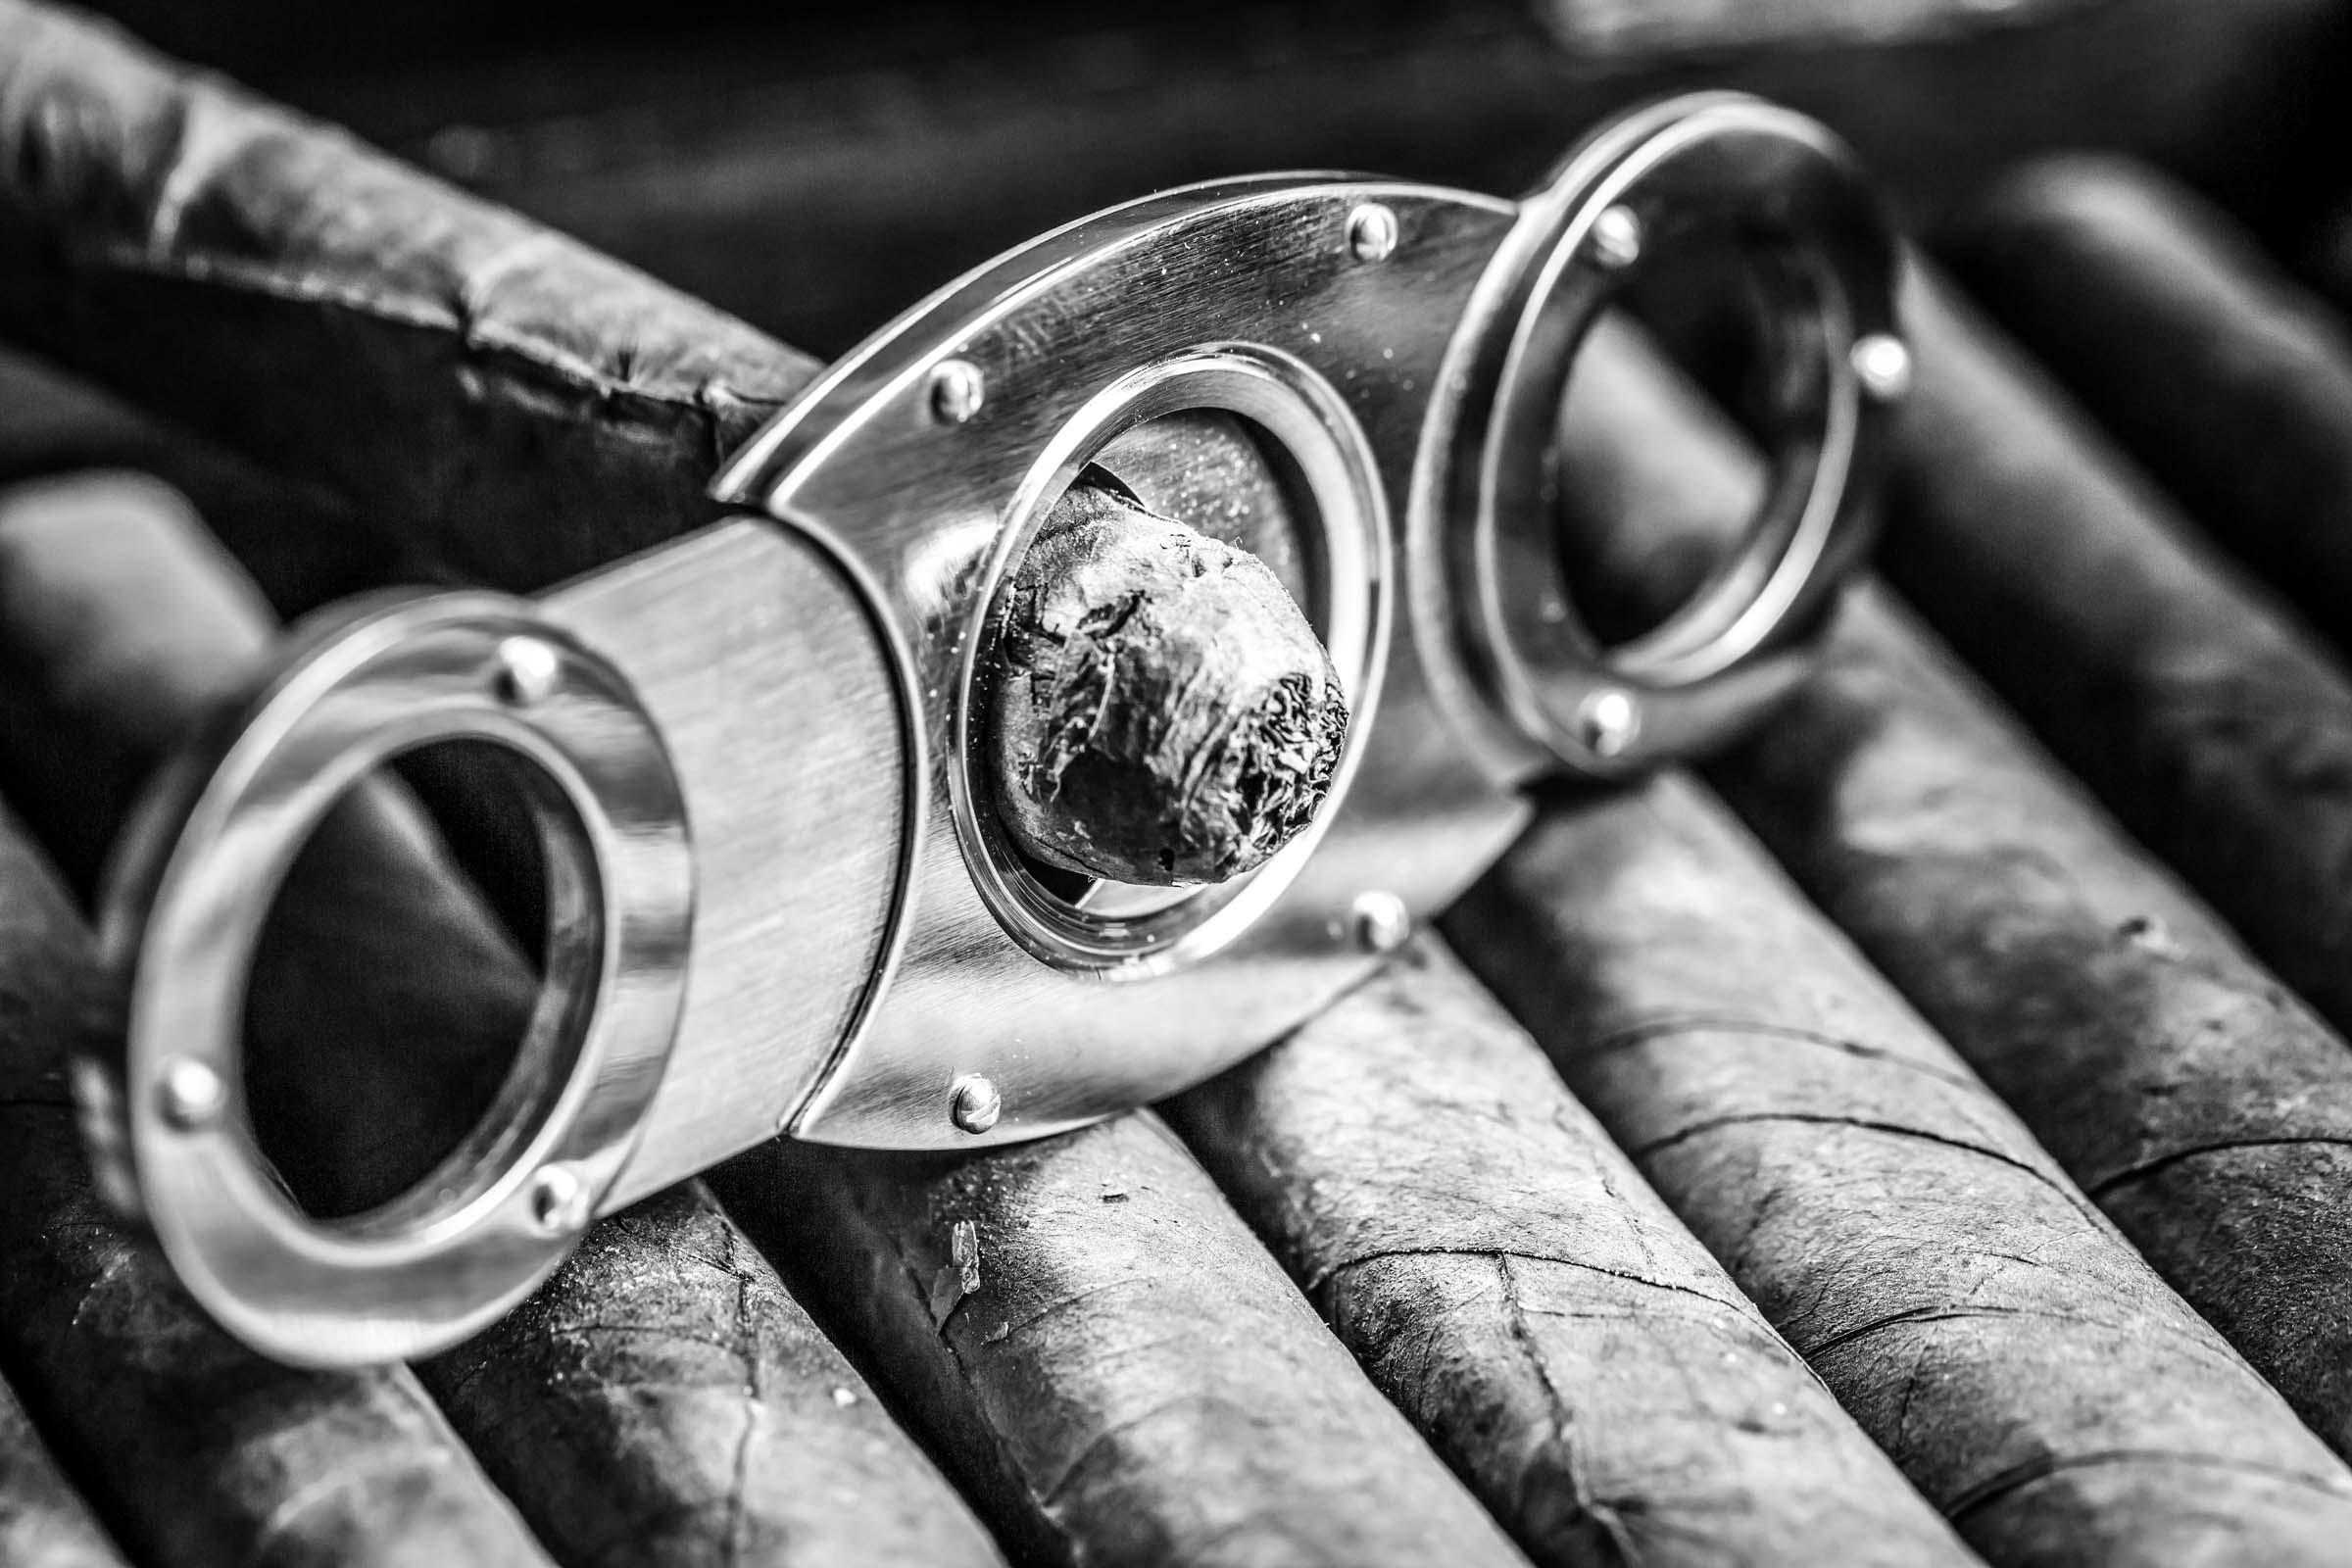 Zigarrendreher | Zigarrenroller | Tabak | Kuba | Deckblatt | Zigarre | Handgedreht | Havanna | Bandarole | Umblatt | Event | Buchen | Zigarrenmanufaktur